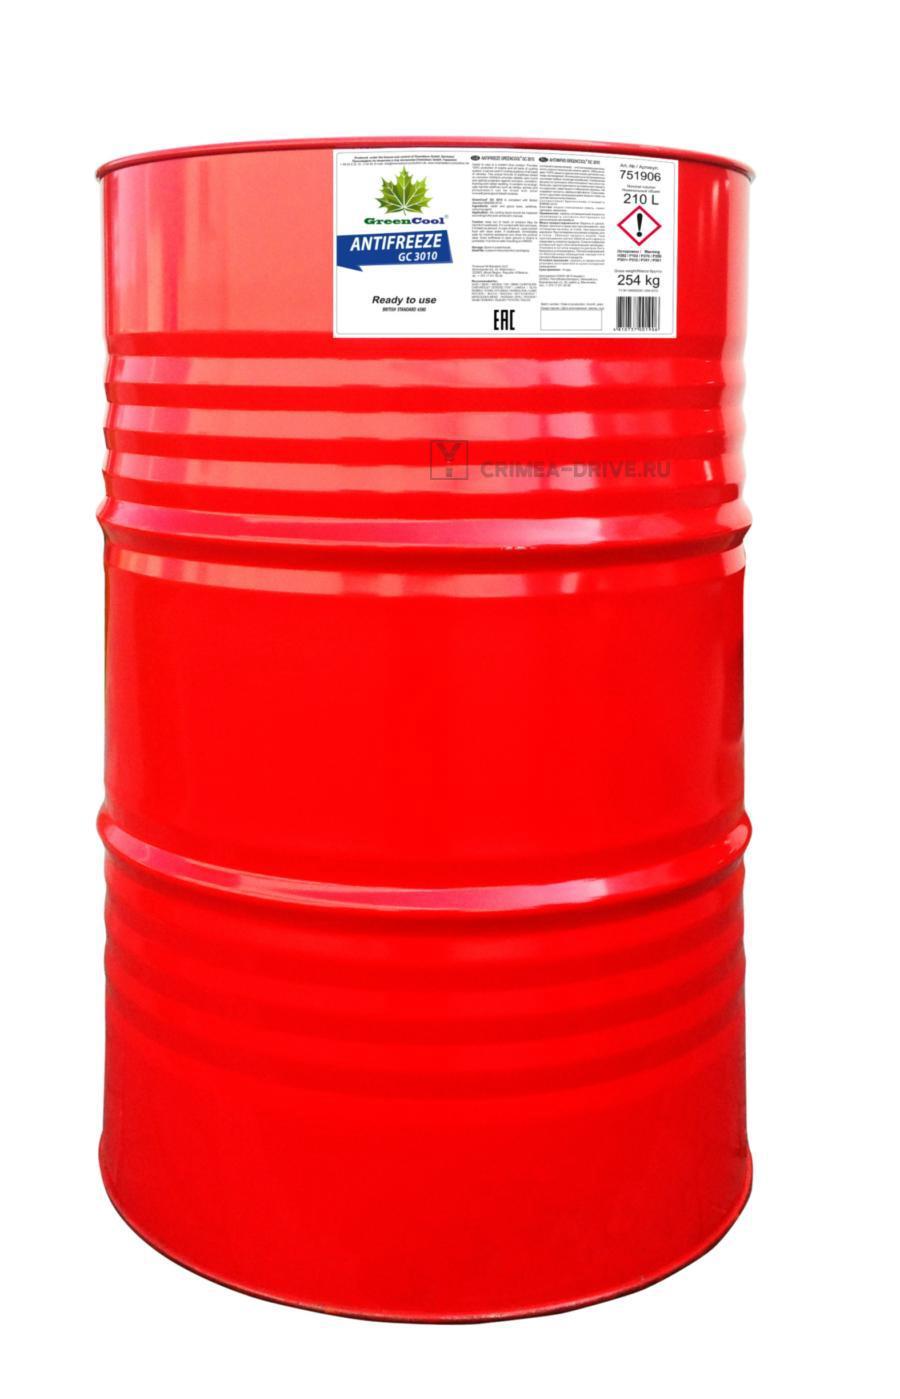 Антифриз GС3010 G11, 210 л (готовый/ready to use), синий